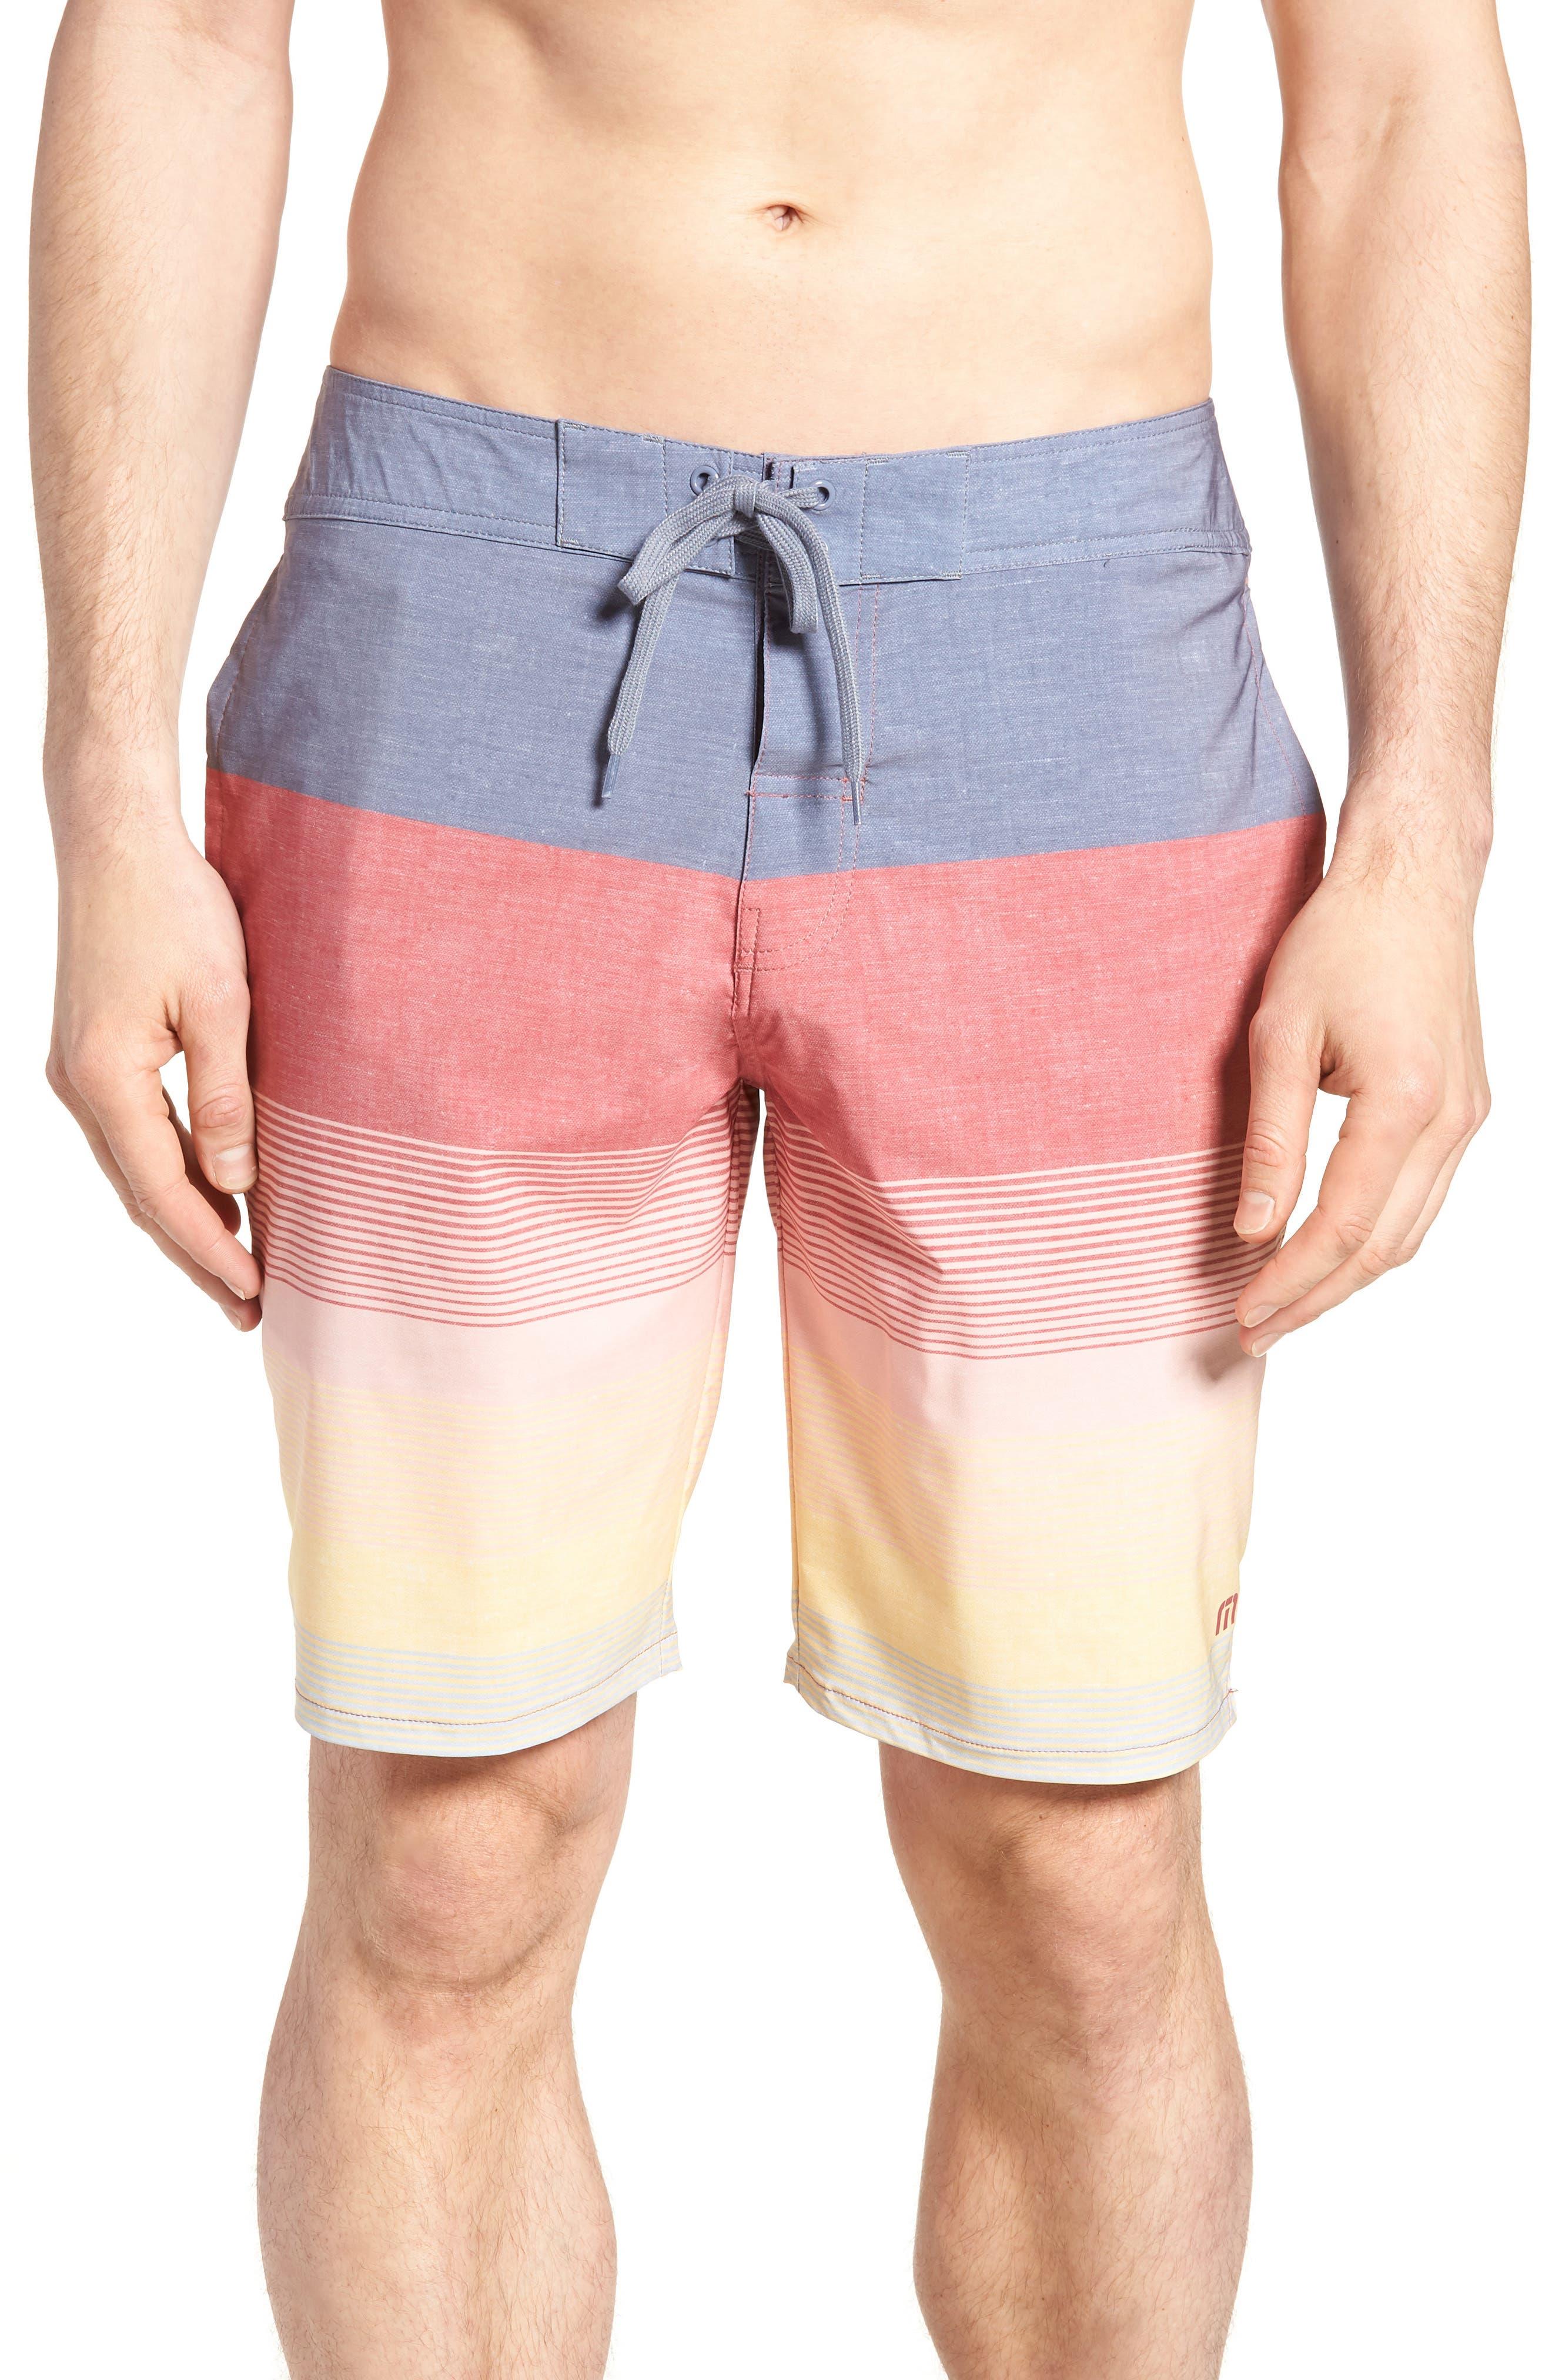 Seegrid Regular Fit Board Shorts,                             Main thumbnail 2, color,